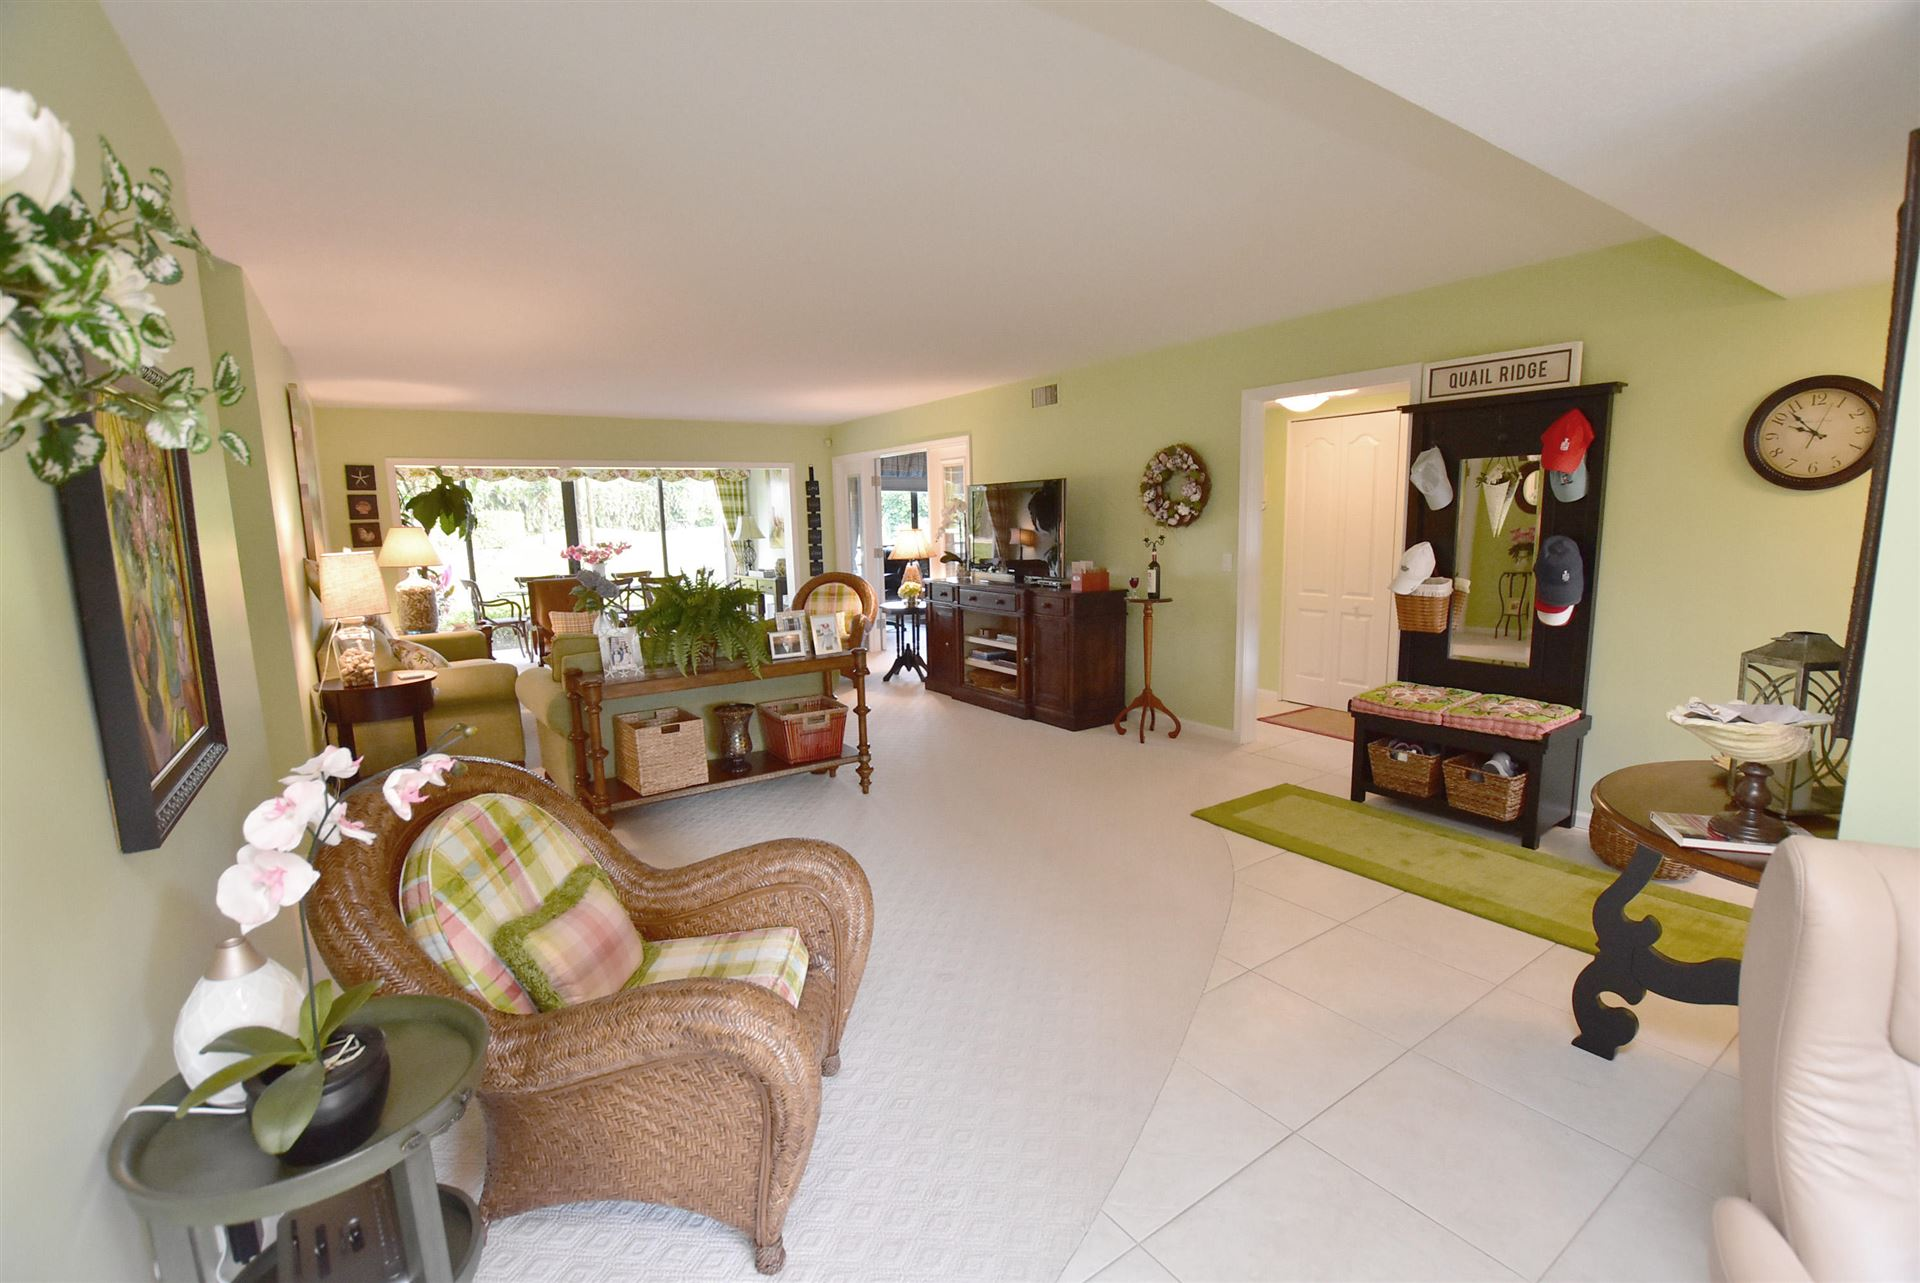 3841 Quail Ridge Drive N #Mallard, Boynton Beach, FL 33436 - #: RX-10636501